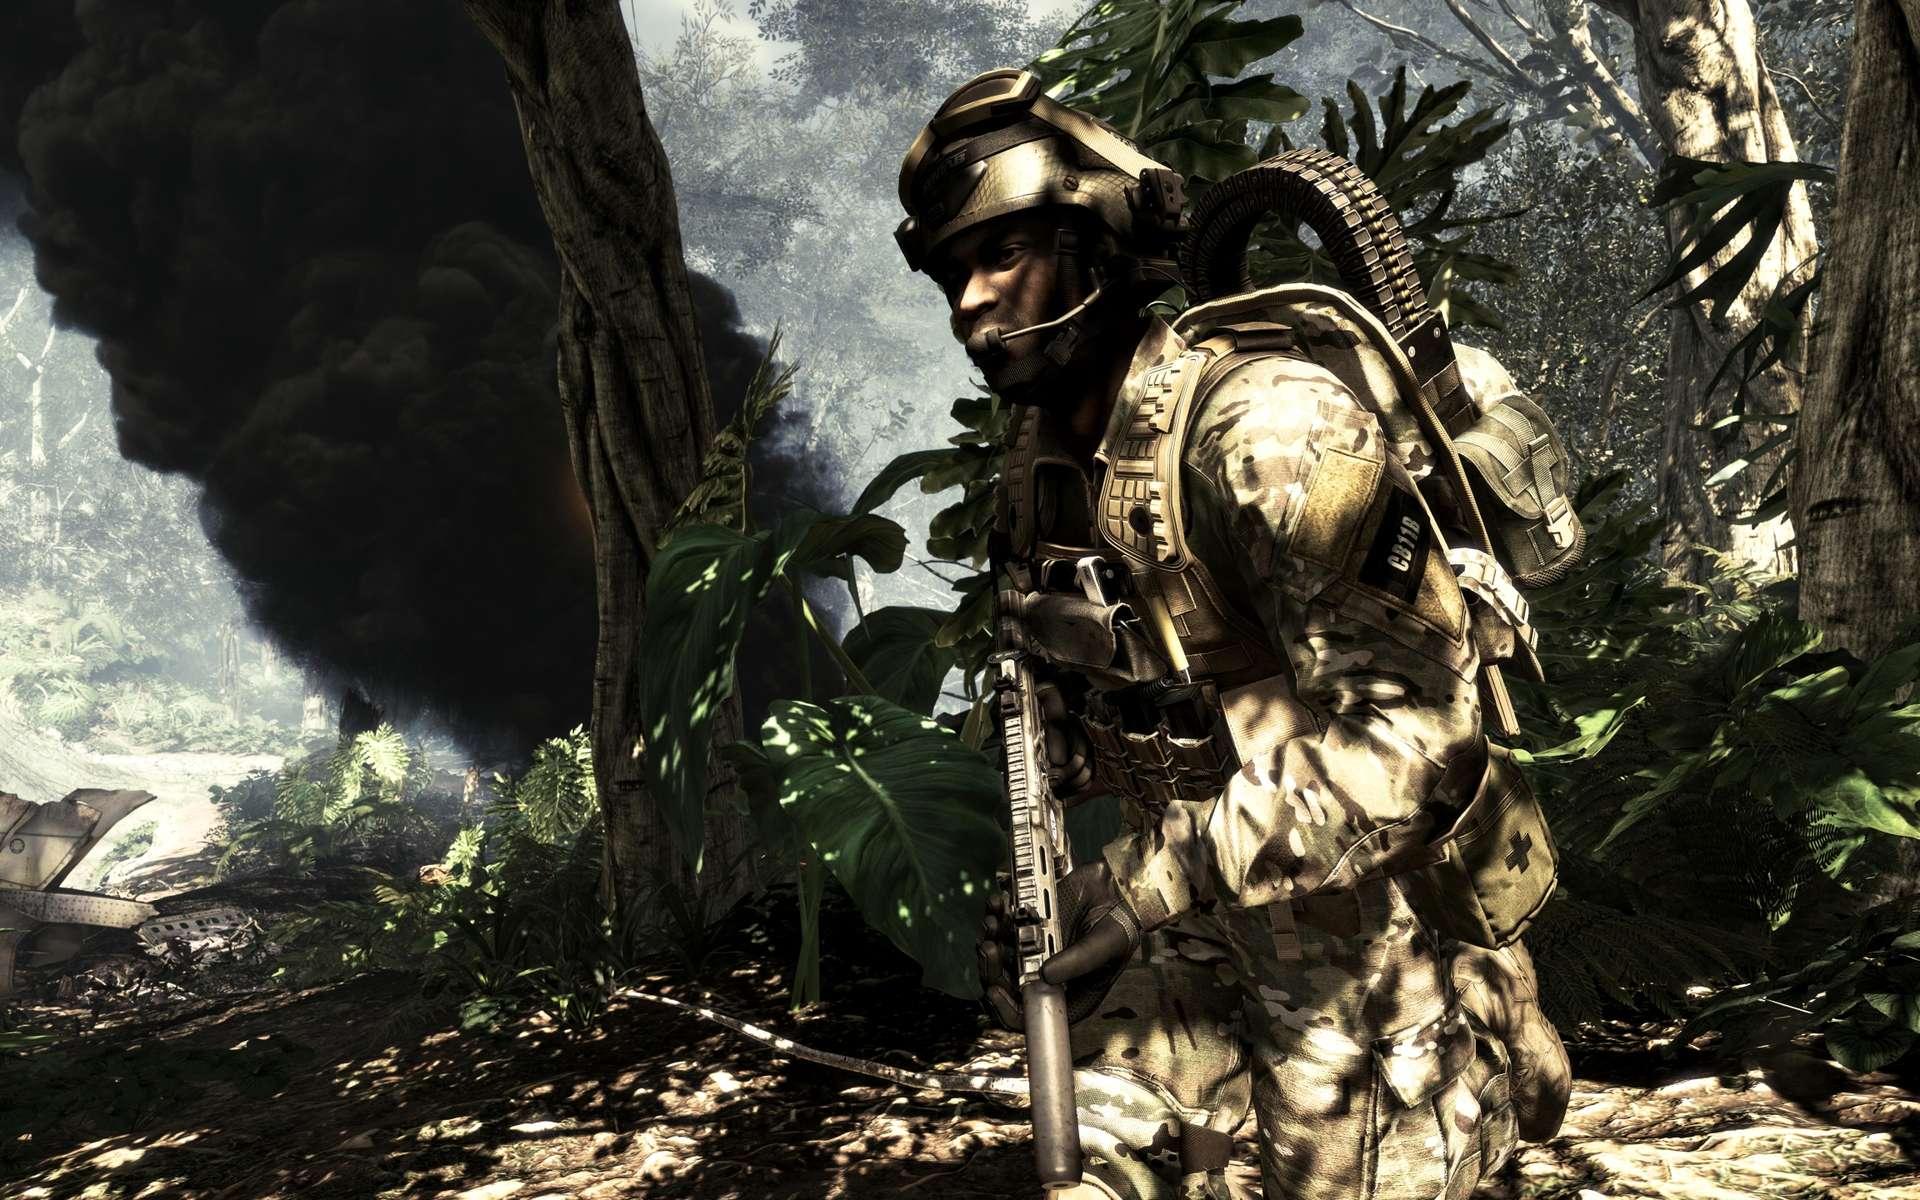 Capture d'écran du jeu Call of Duty : Ghosts. Il fera partie des 15 titres exclusifs qui seront disponibles sur la Xbox One dans l'année qui suivra sa sortie. © Microsoft